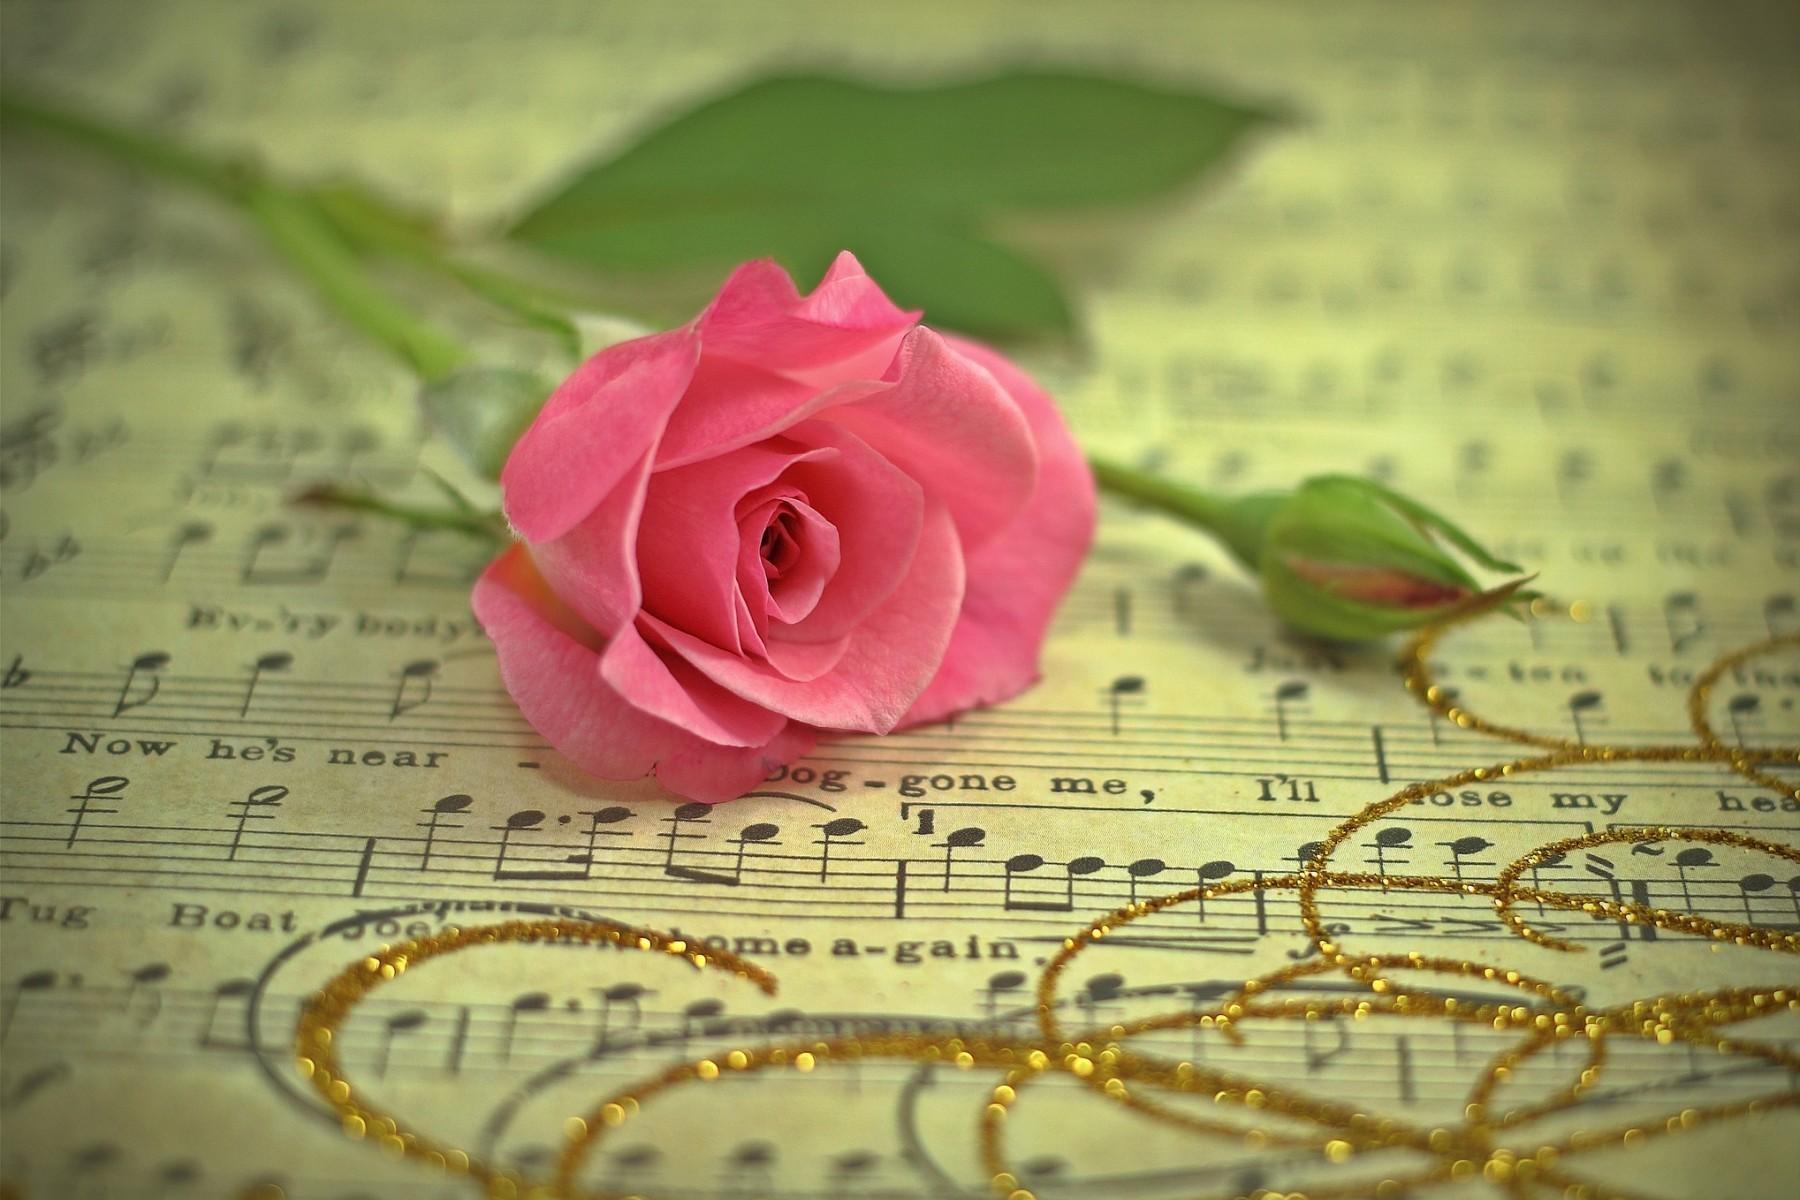 61765 Hintergrundbild herunterladen Musik, Blumen, Gold-, Blume, Rose, Thread, Anmerkungen, Ein Faden - Bildschirmschoner und Bilder kostenlos